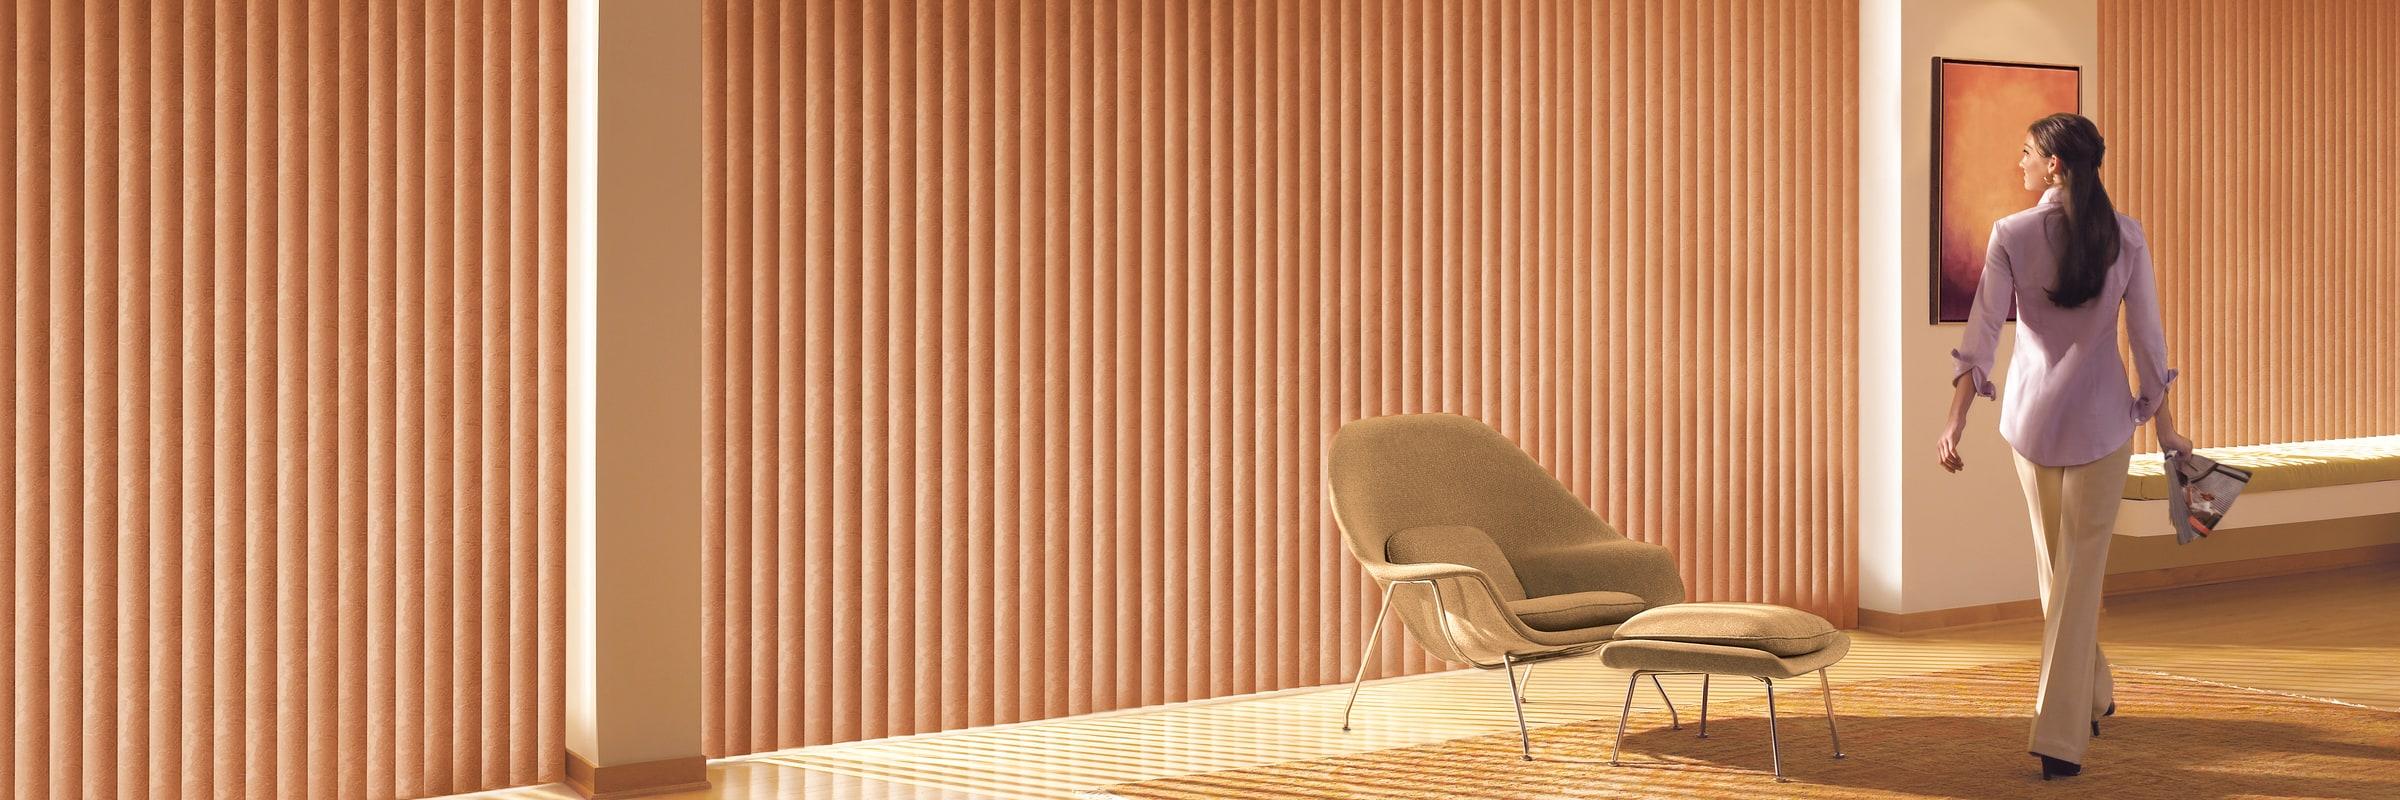 fabric-blinds-somner-carousel-01.jpg